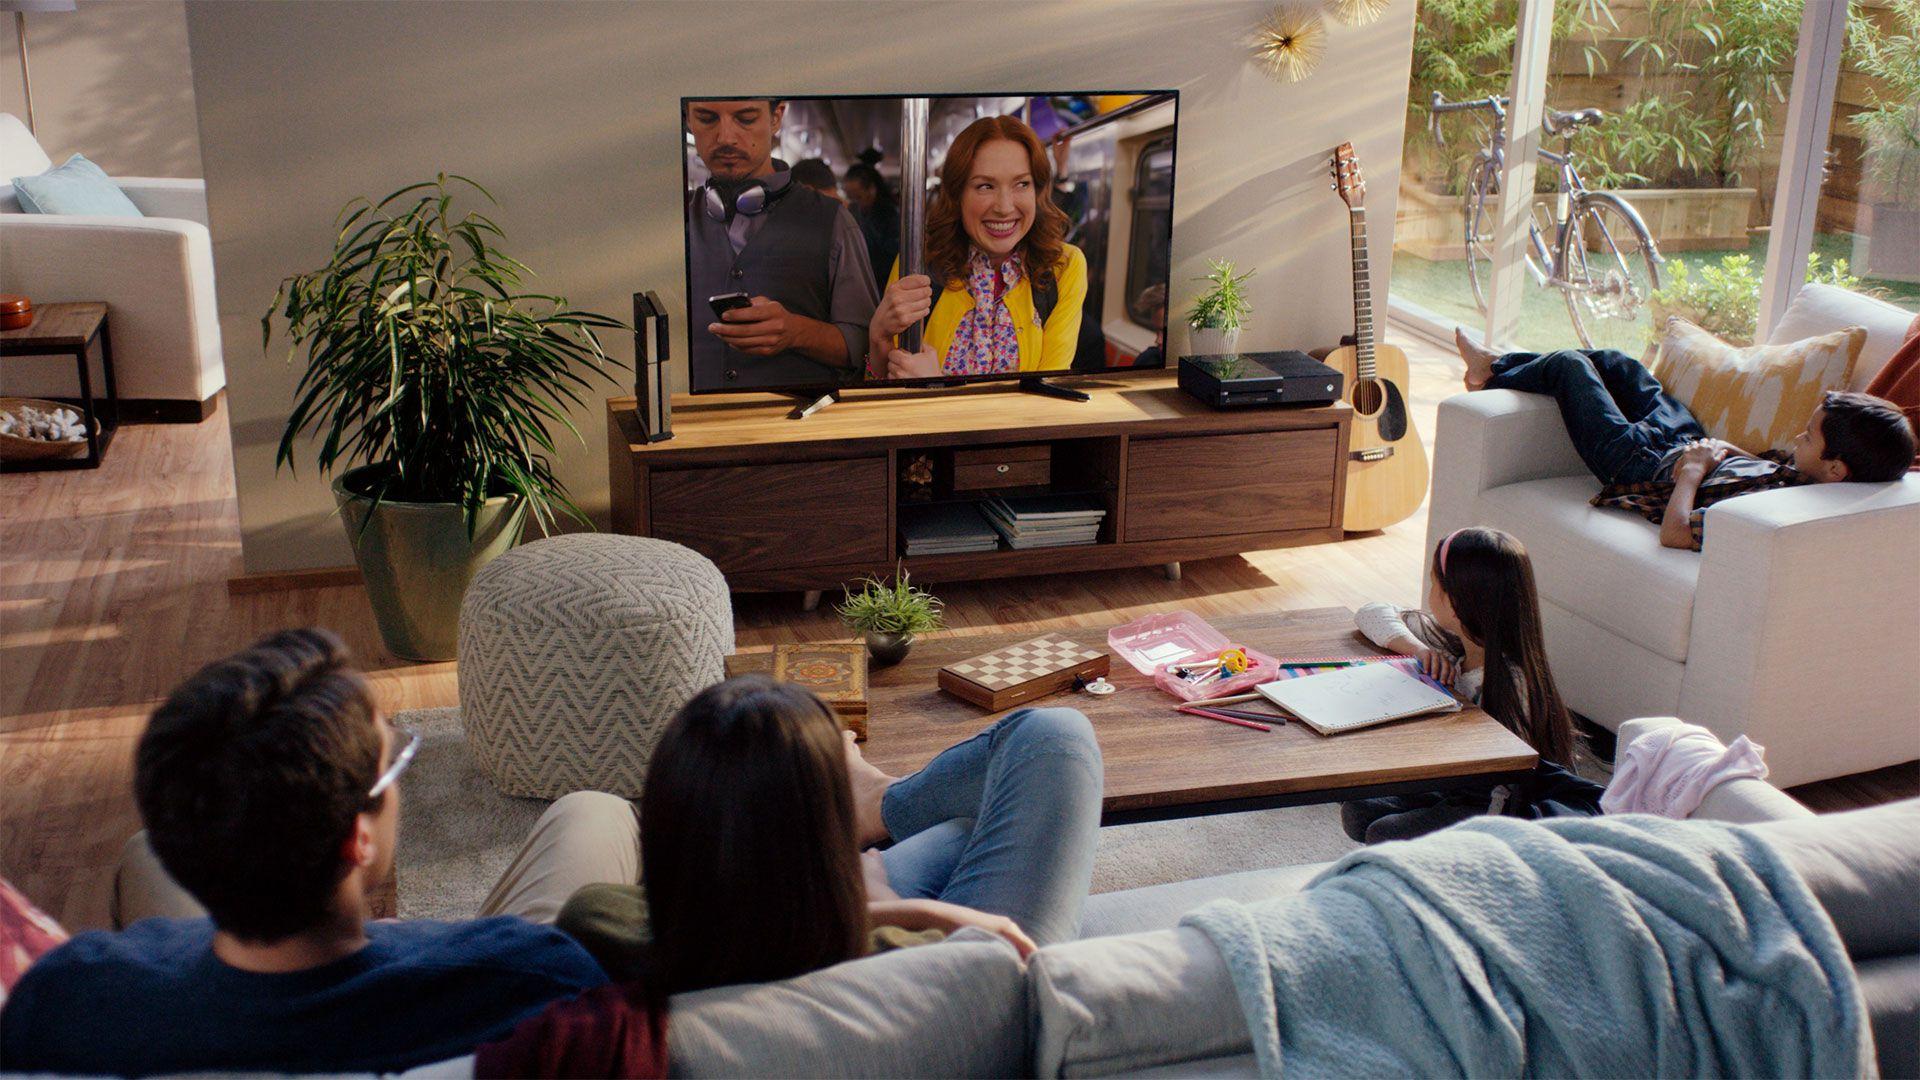 La experiencia de mirar televisión por internet mejoró en los últimos años